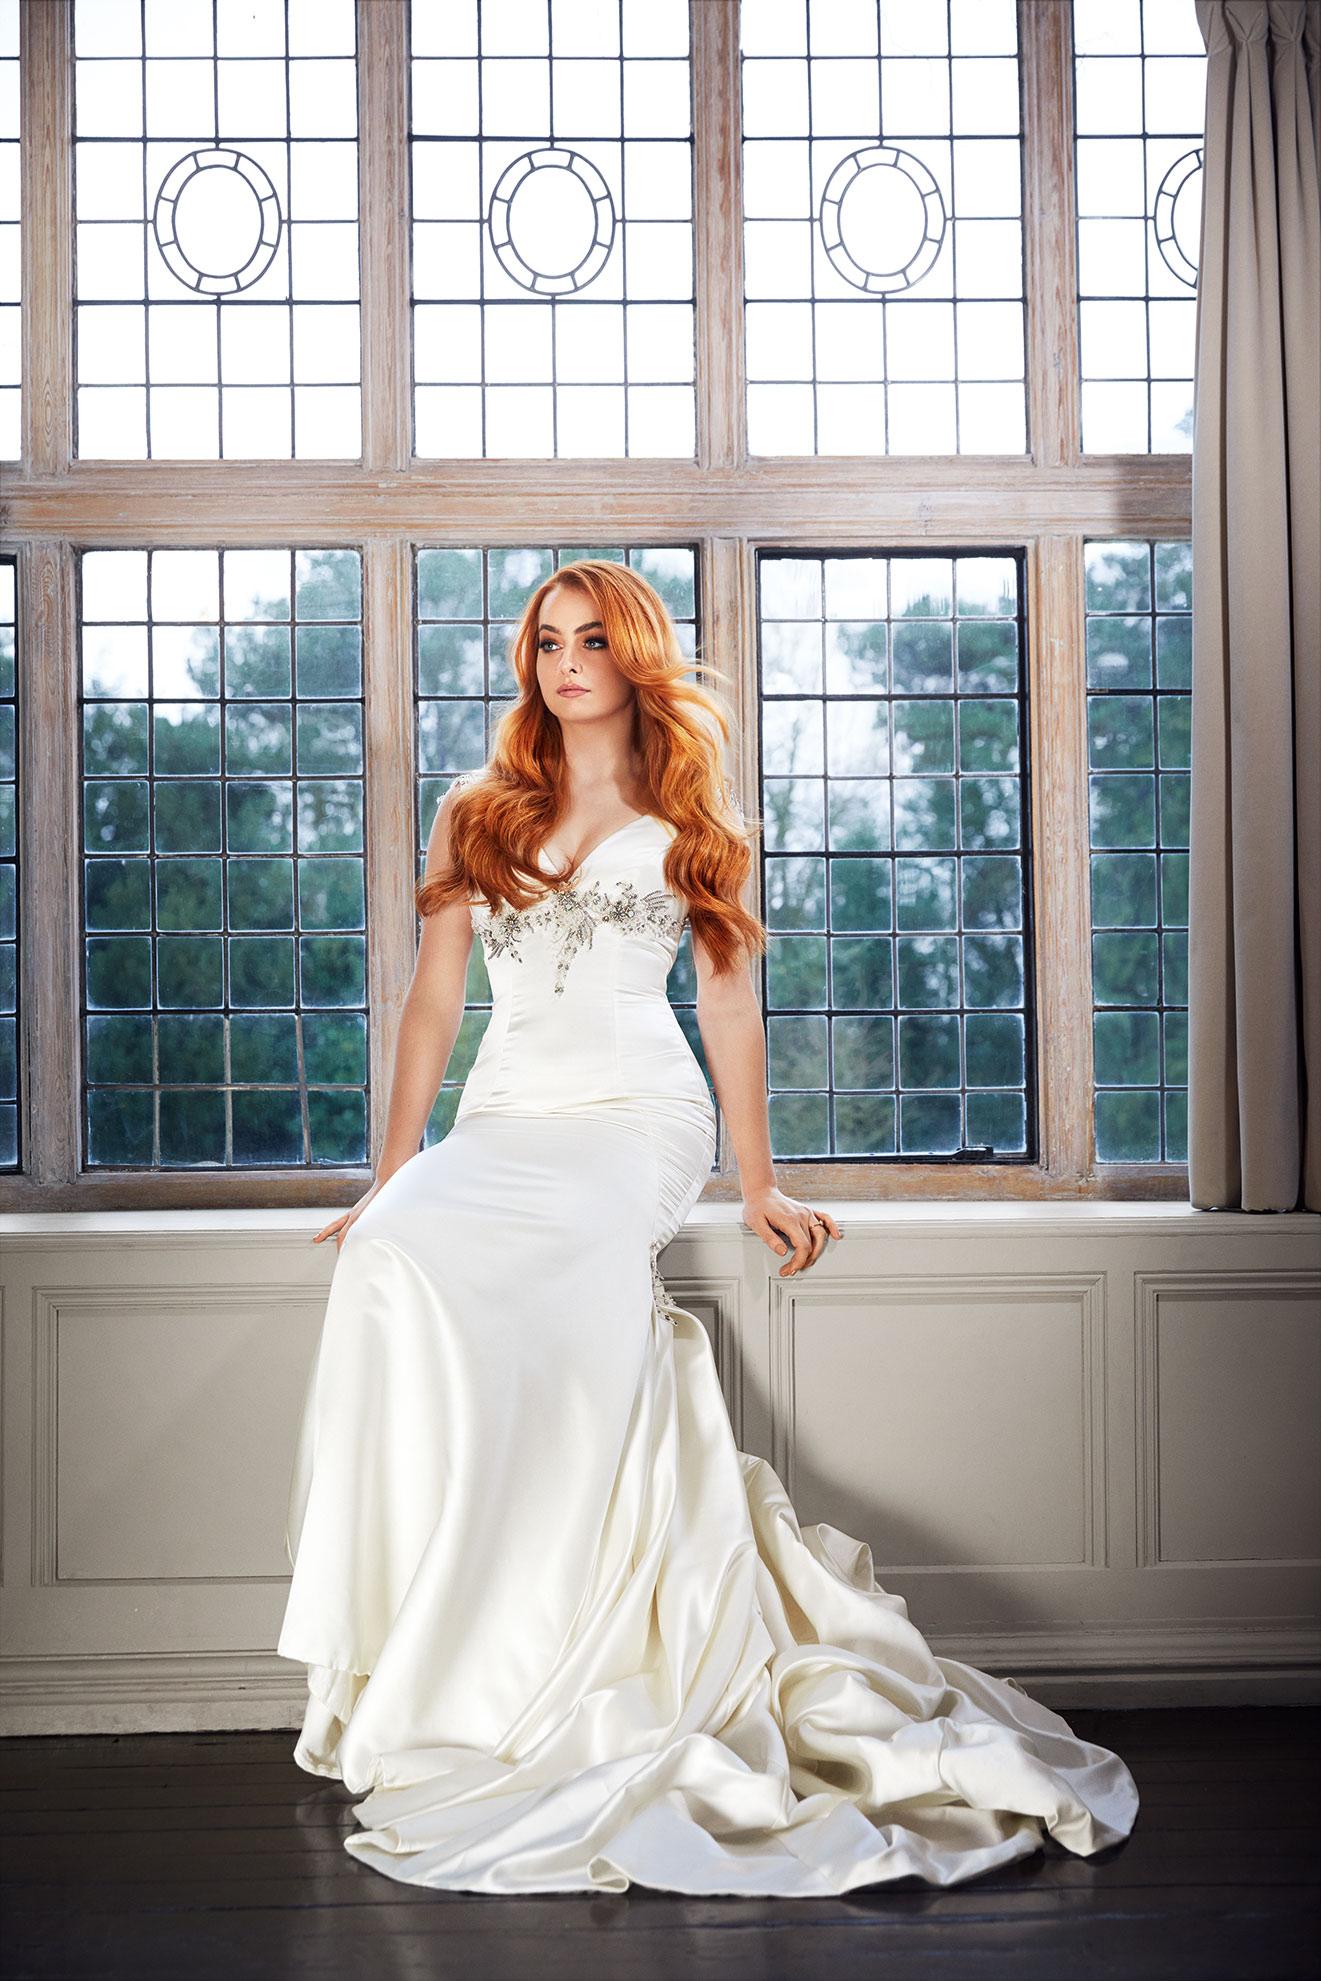 Bridal hair extensions - natural movement